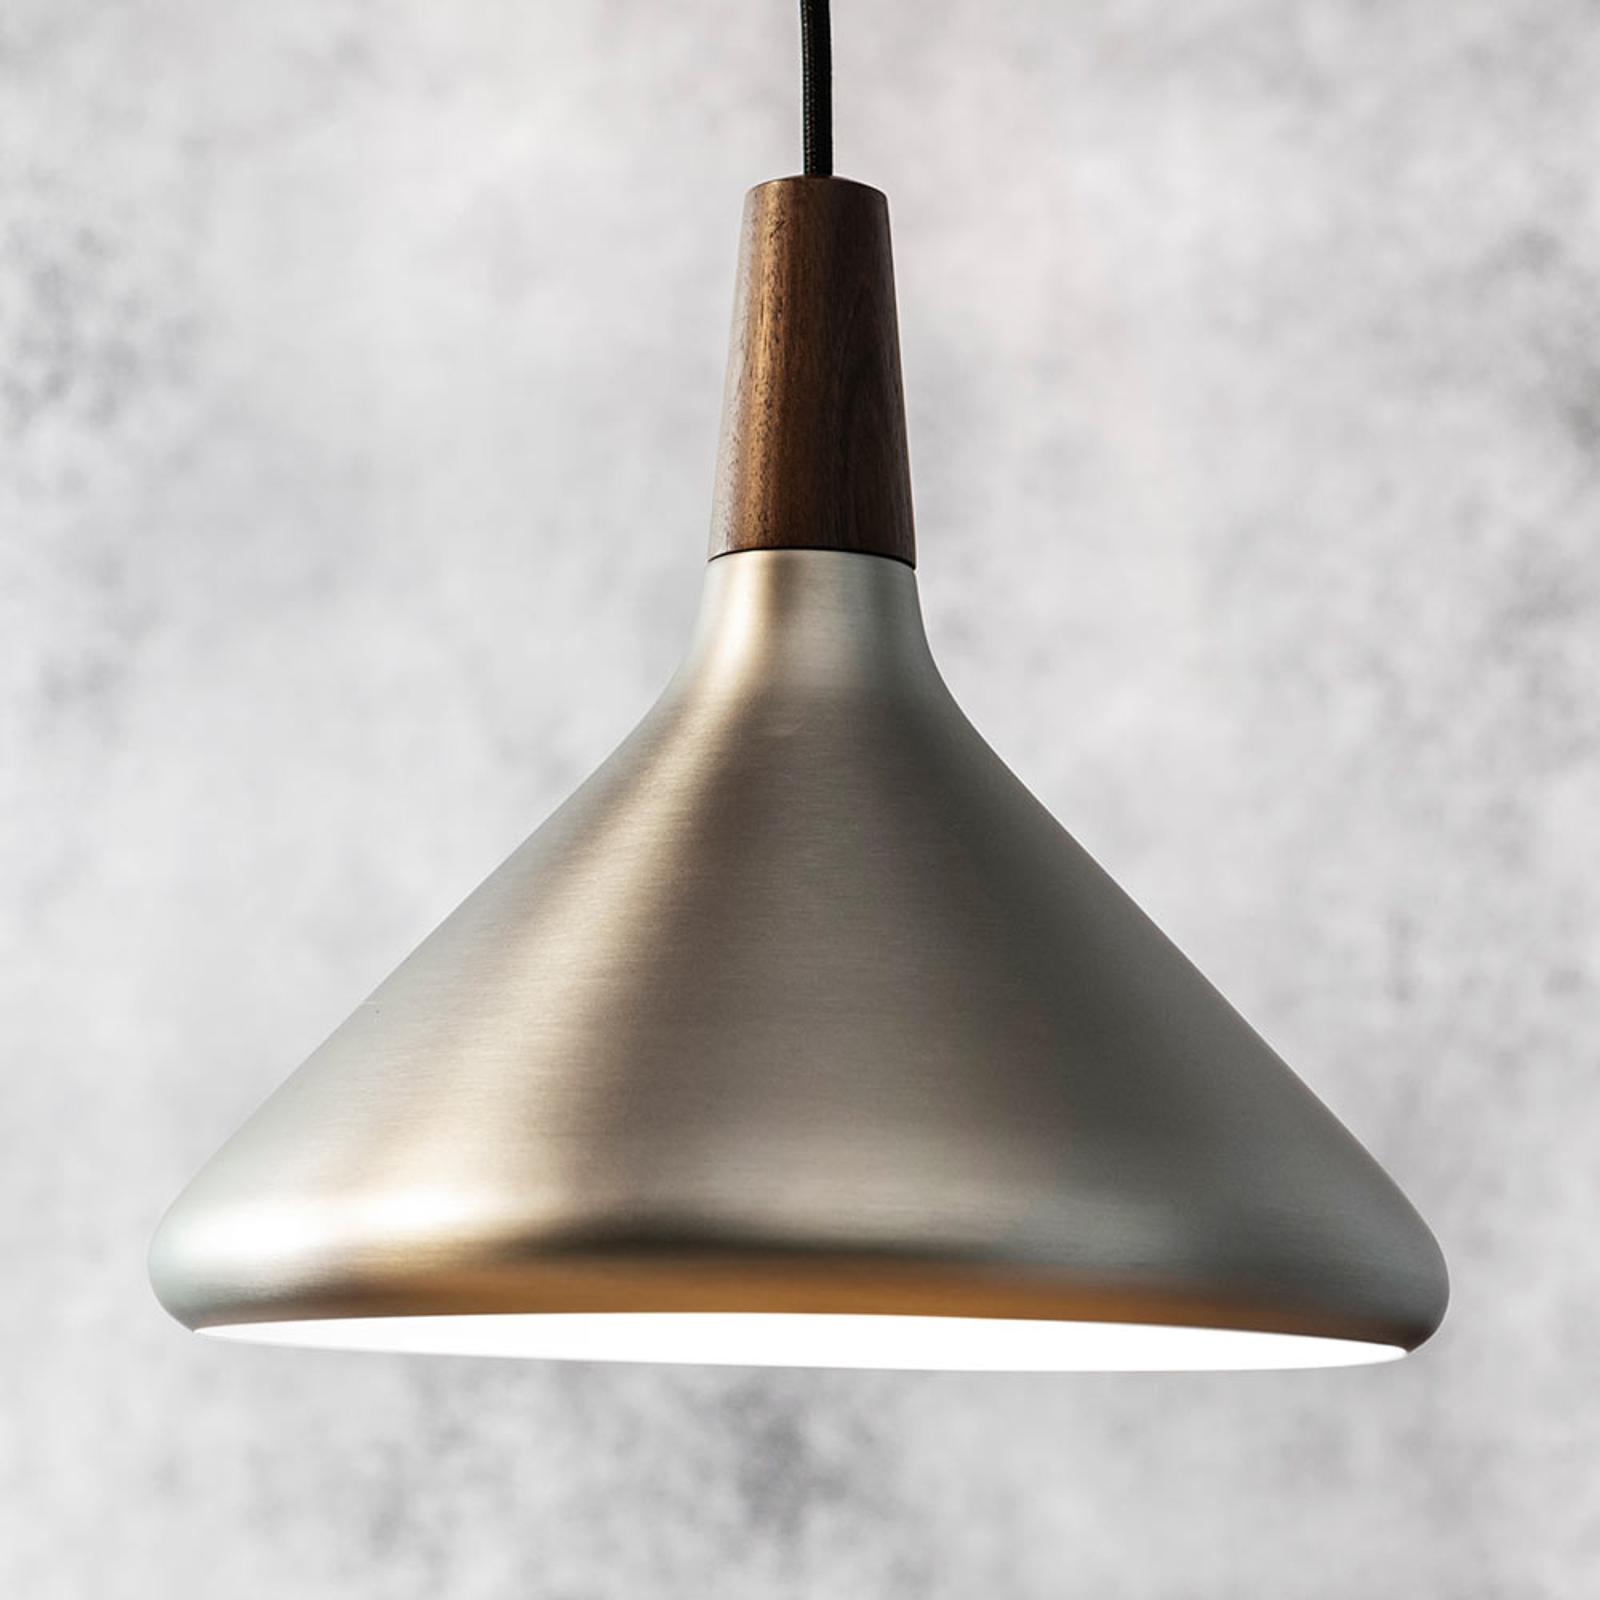 Závěsné světlo Float v kartáčované oceli, 27 cm